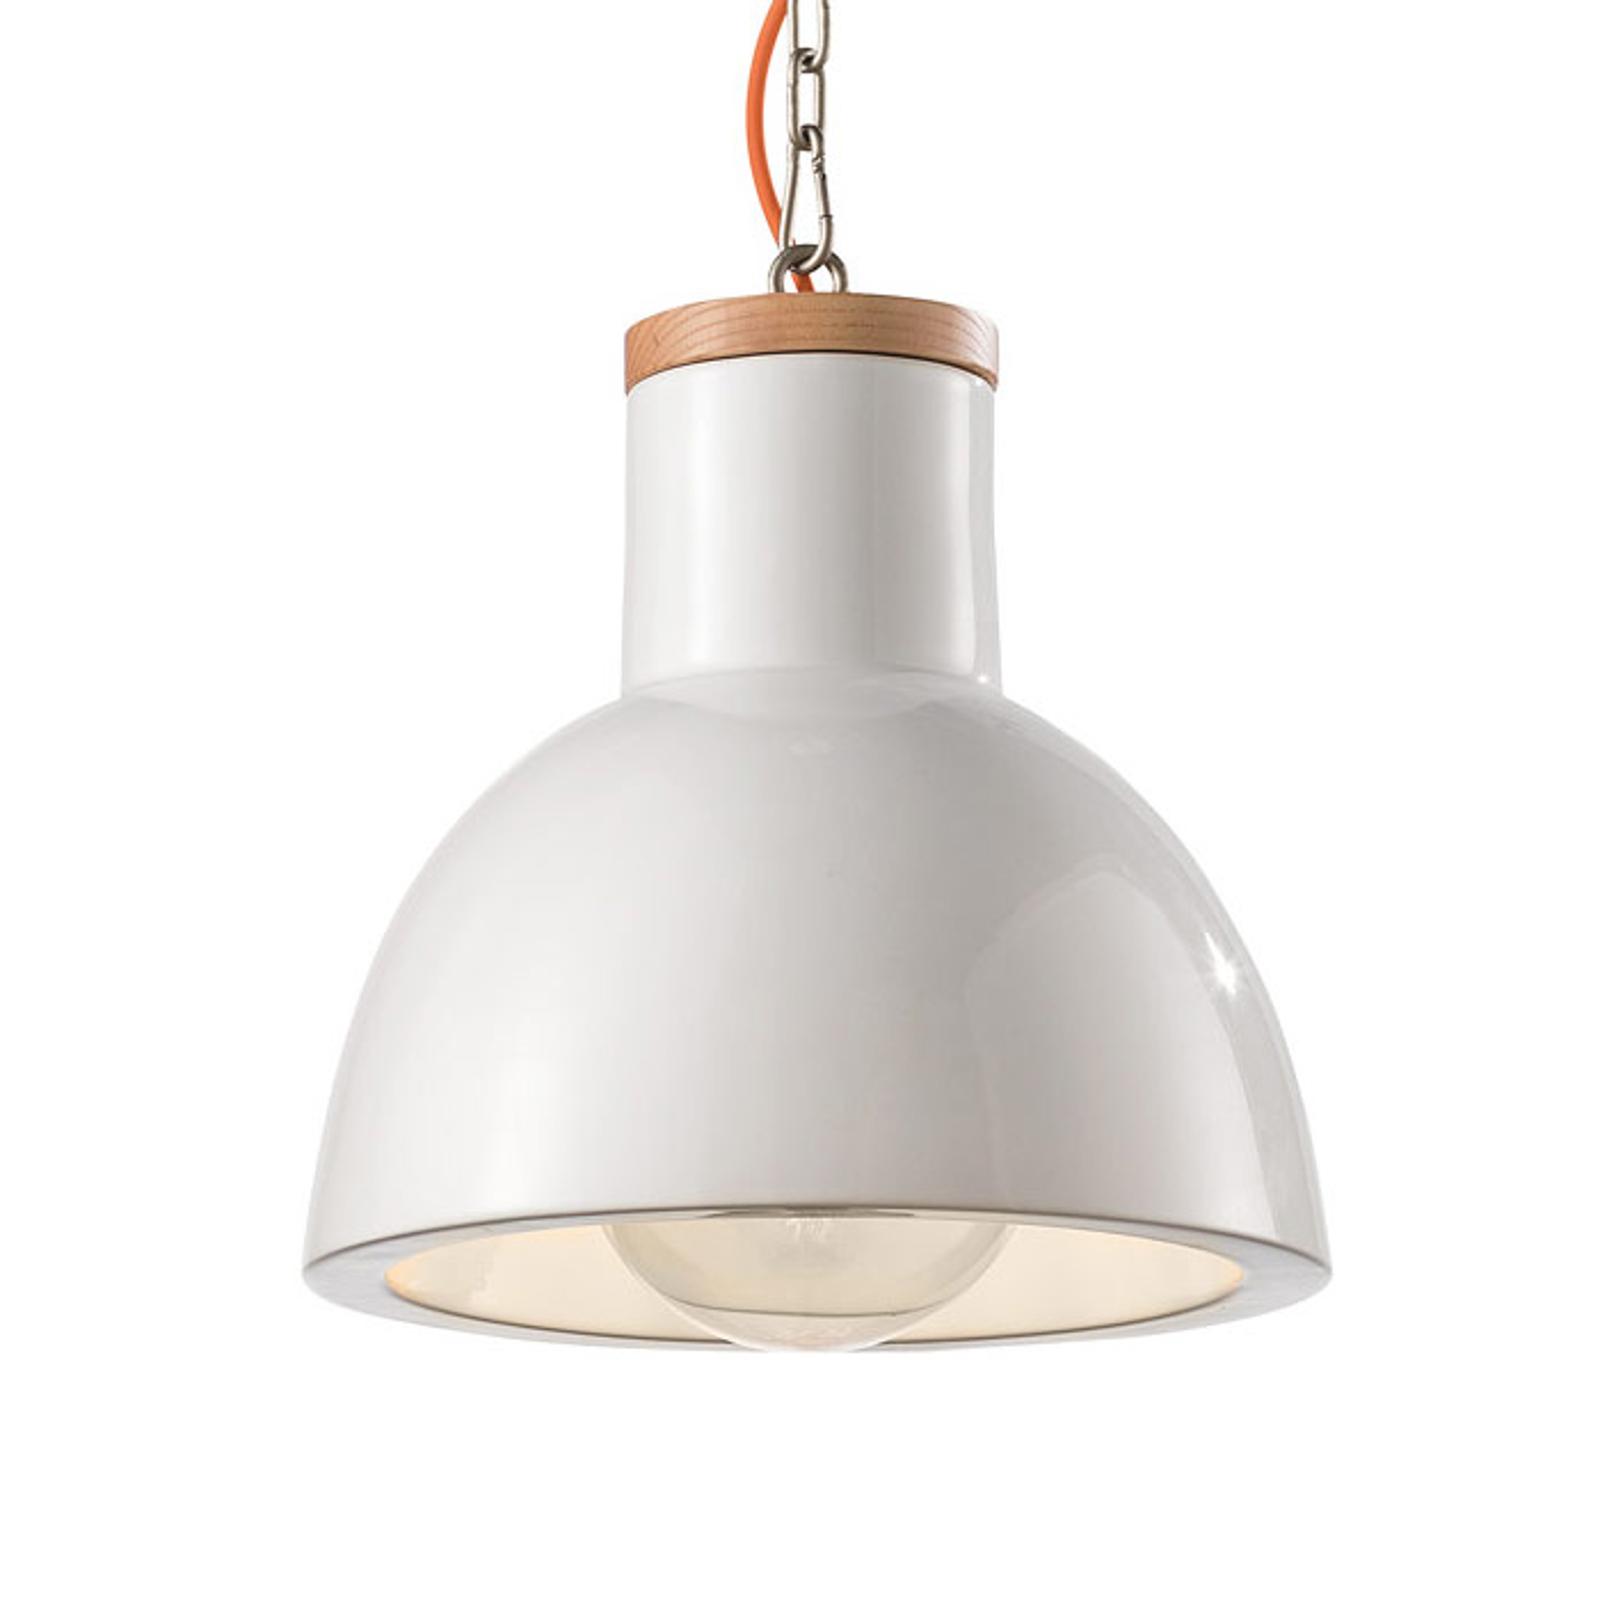 Lampa wisząca C1781, styl skandynawski, biała